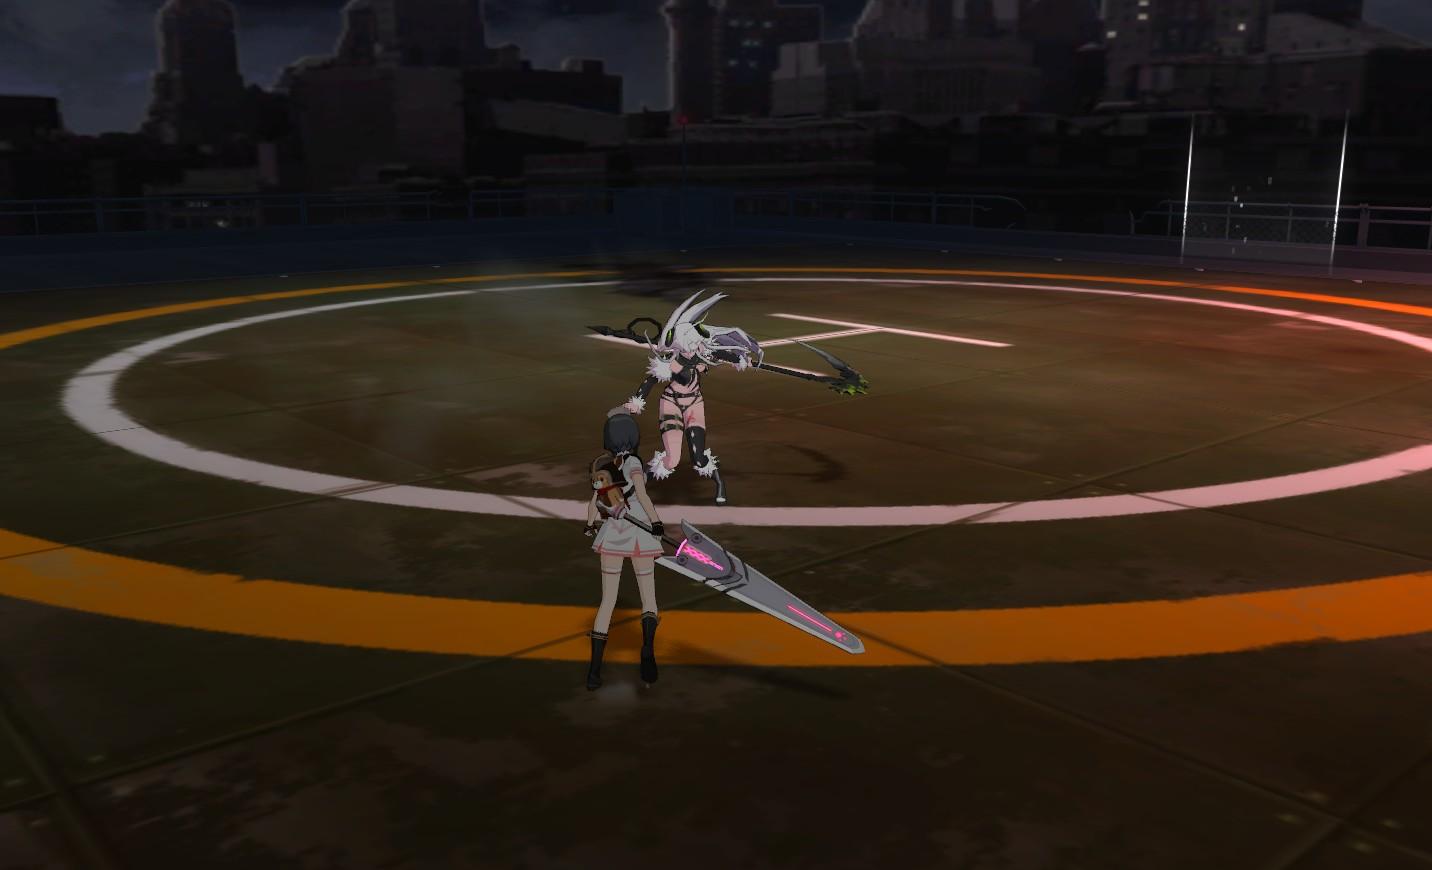 ★「毒魔」擁有瞬間移動的技能,會瞬間飛到玩家面前進行強力的攻擊